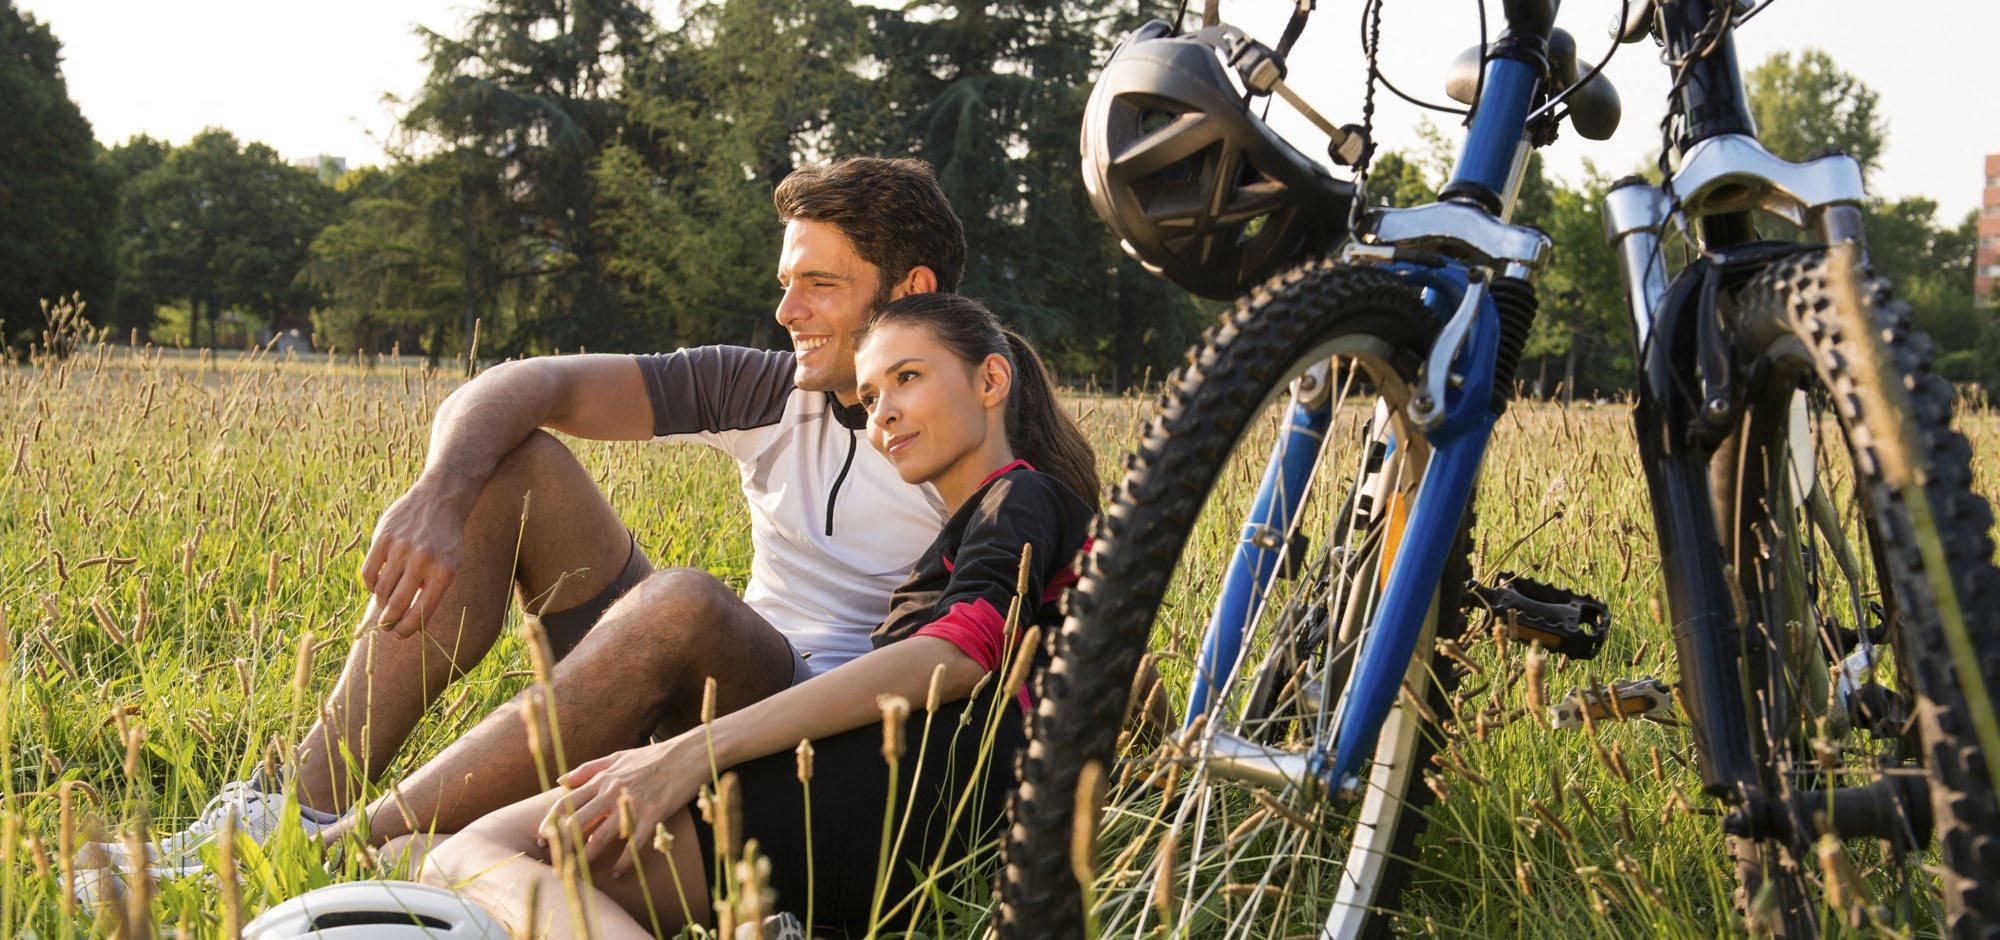 Stock image- biking